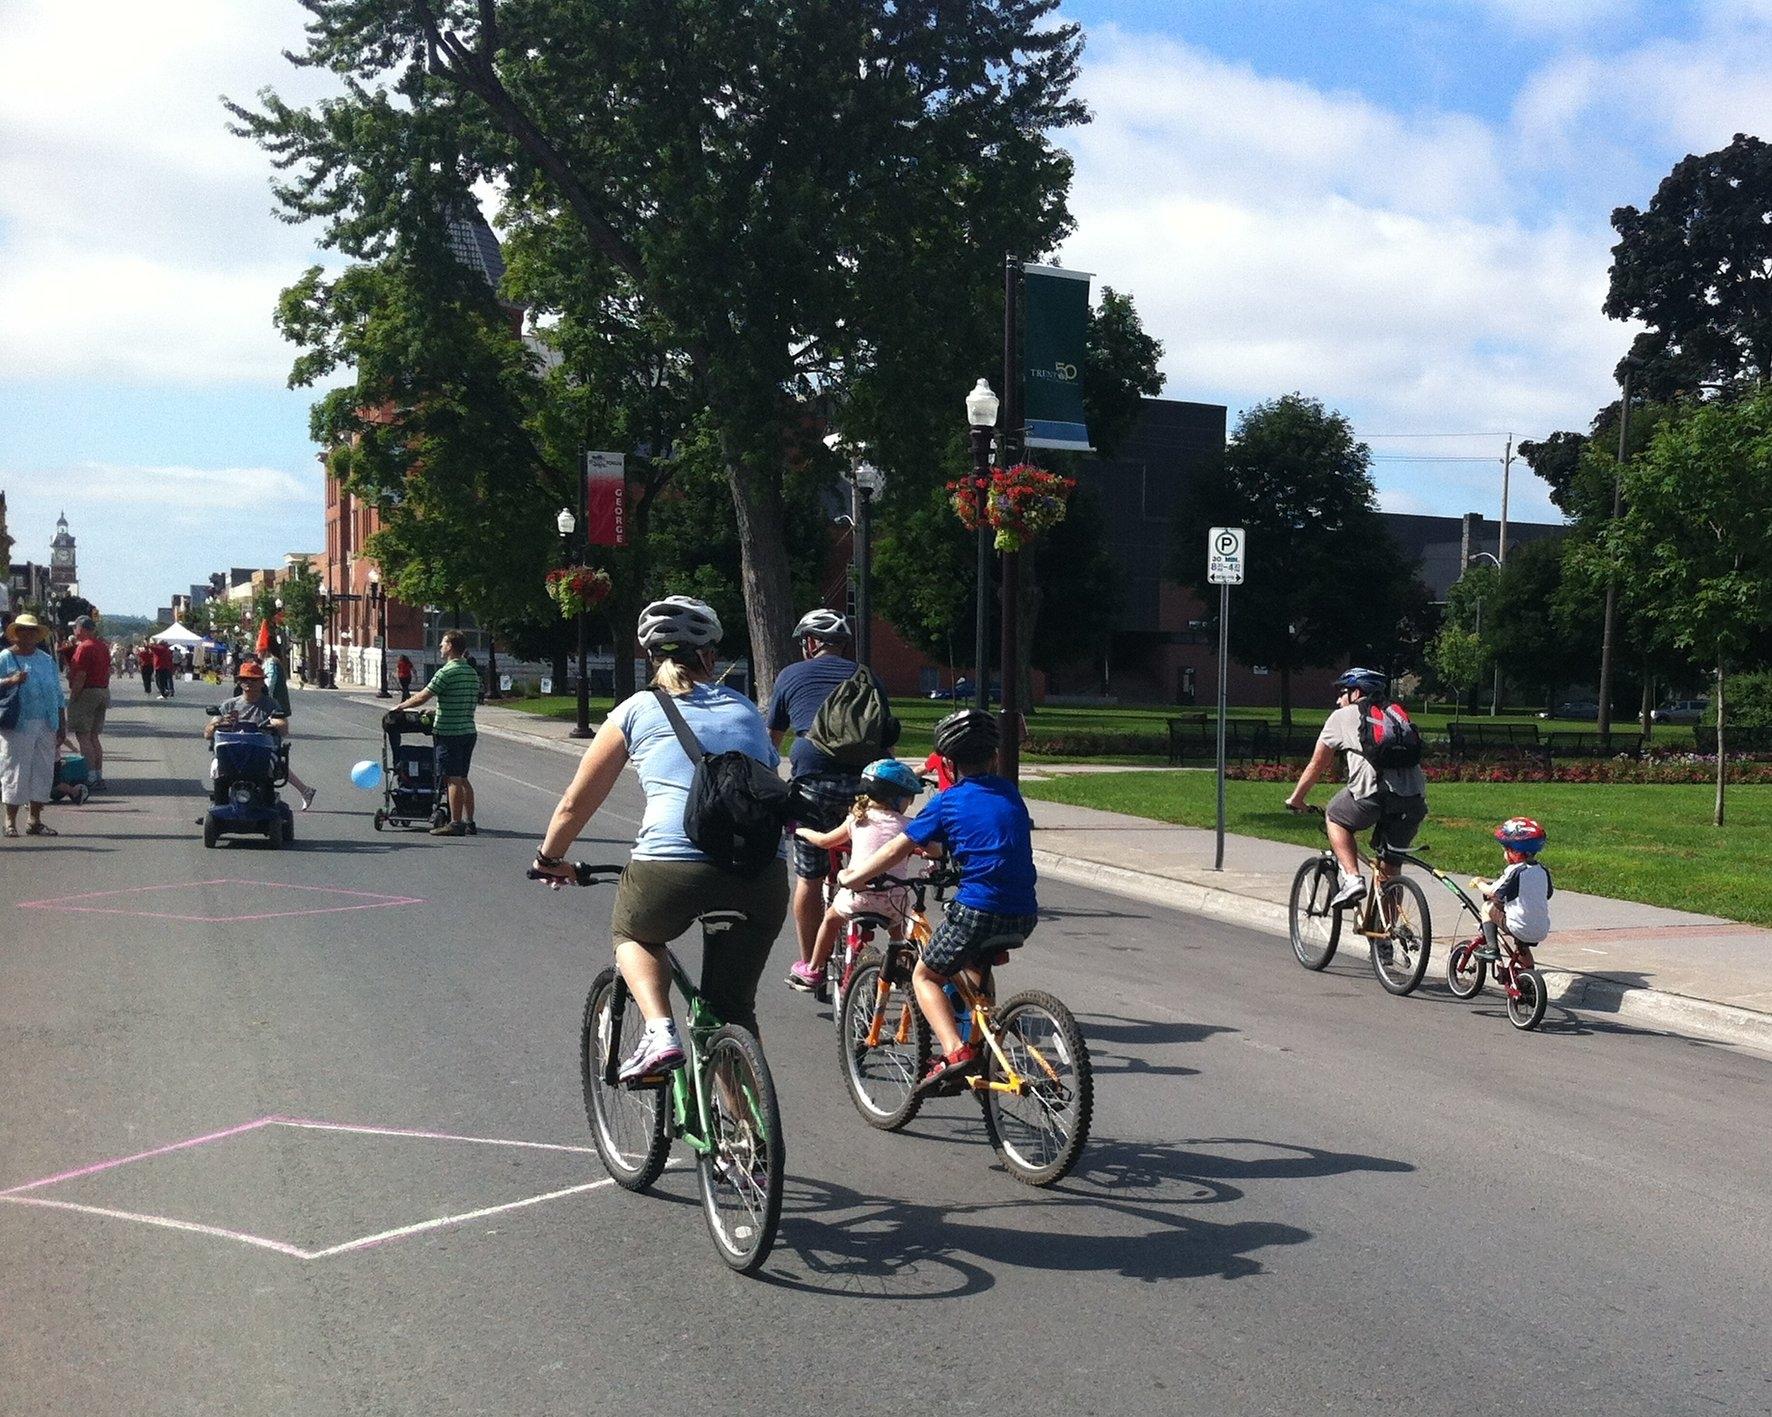 Biking and walking at Pulse